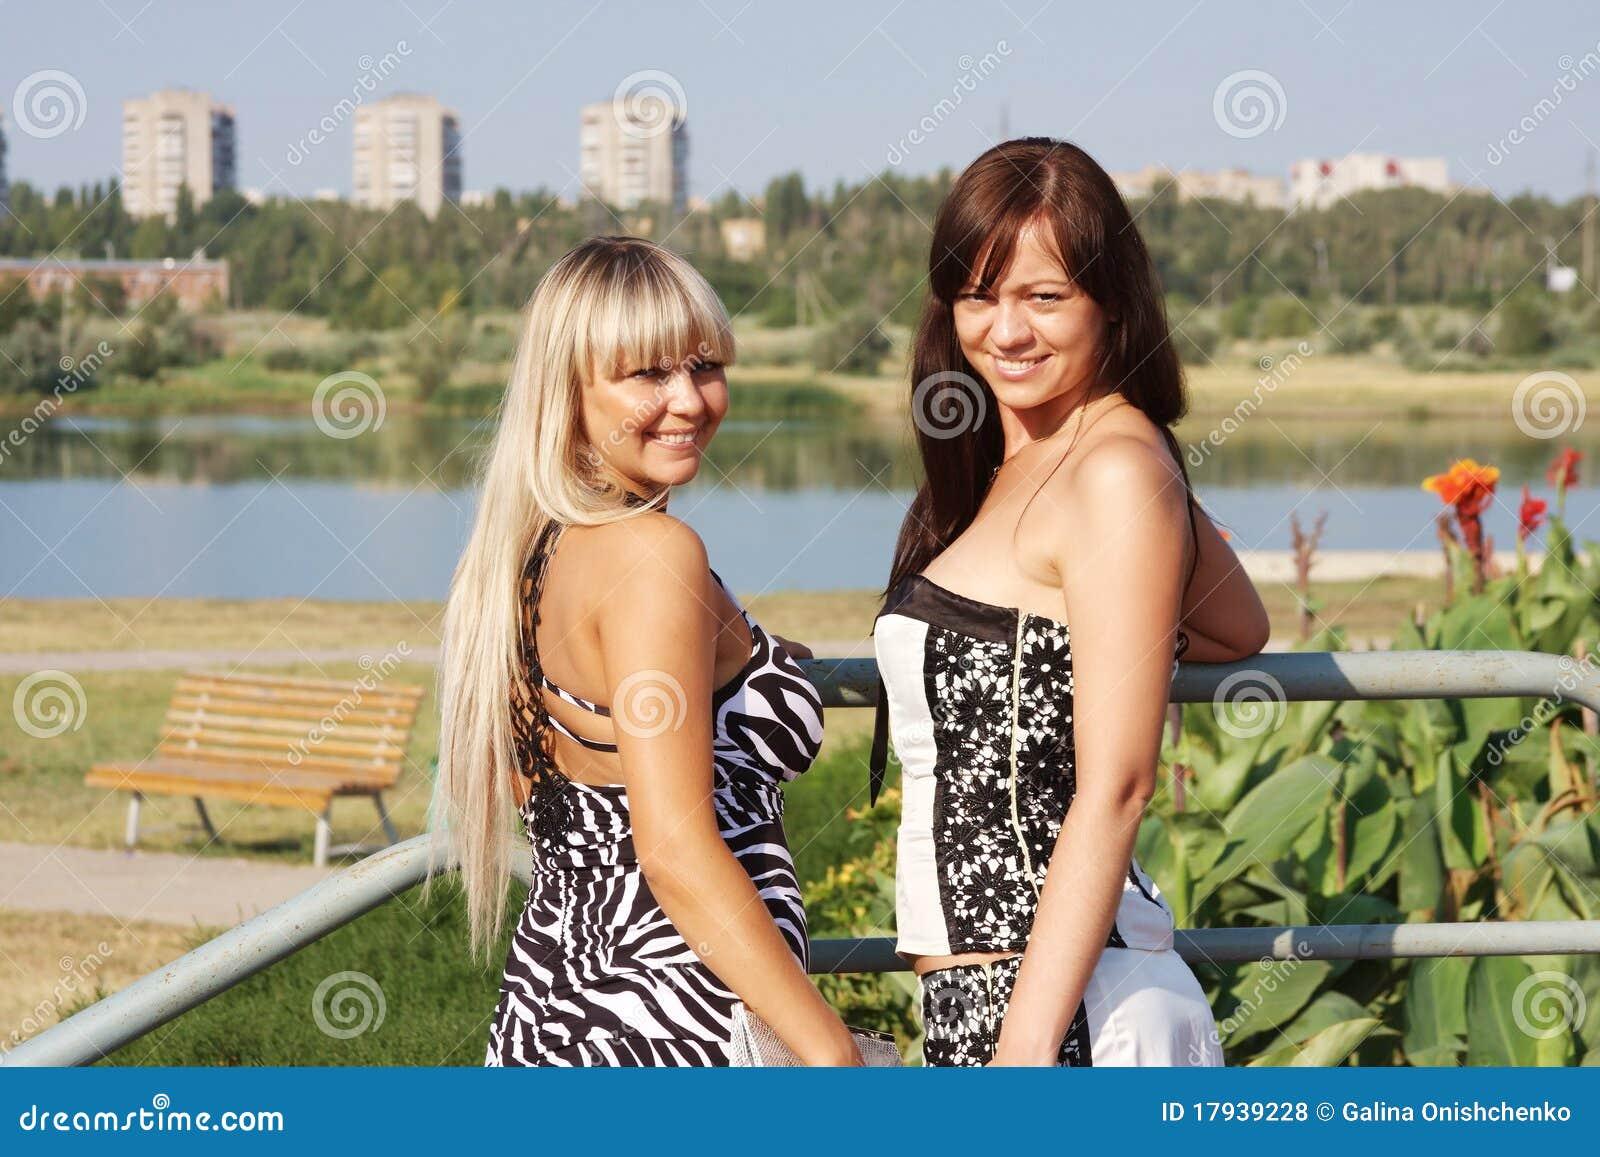 a7240f69cd3a Dos Mujeres Hermosas Jovenes En Parque Foto de archivo - Imagen de ...